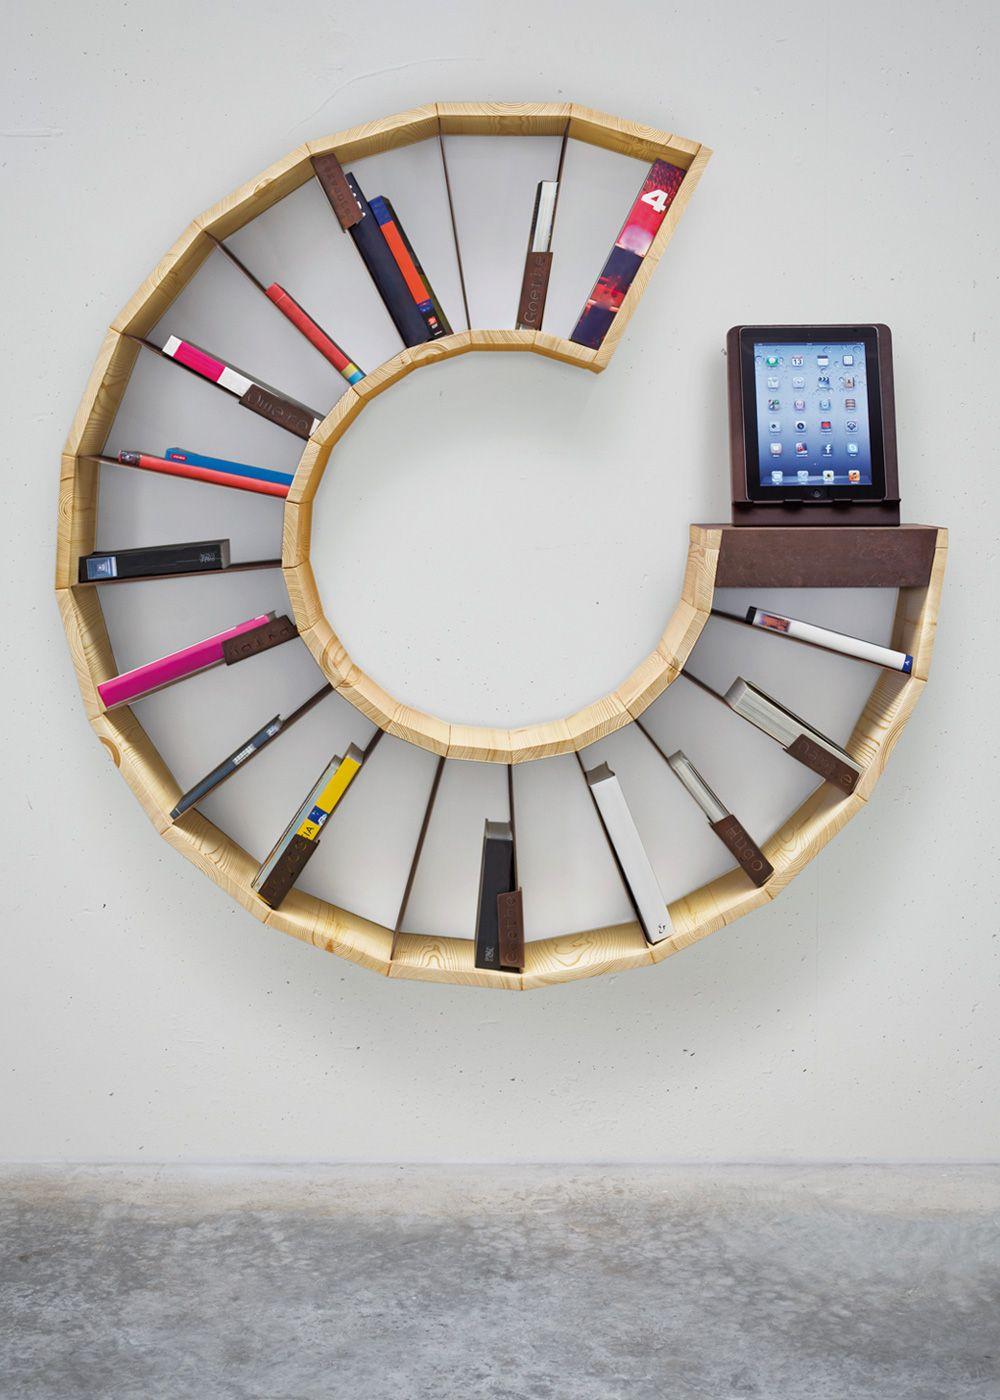 interior design shelves - 1000+ images about Lounge room on Pinterest v units ...